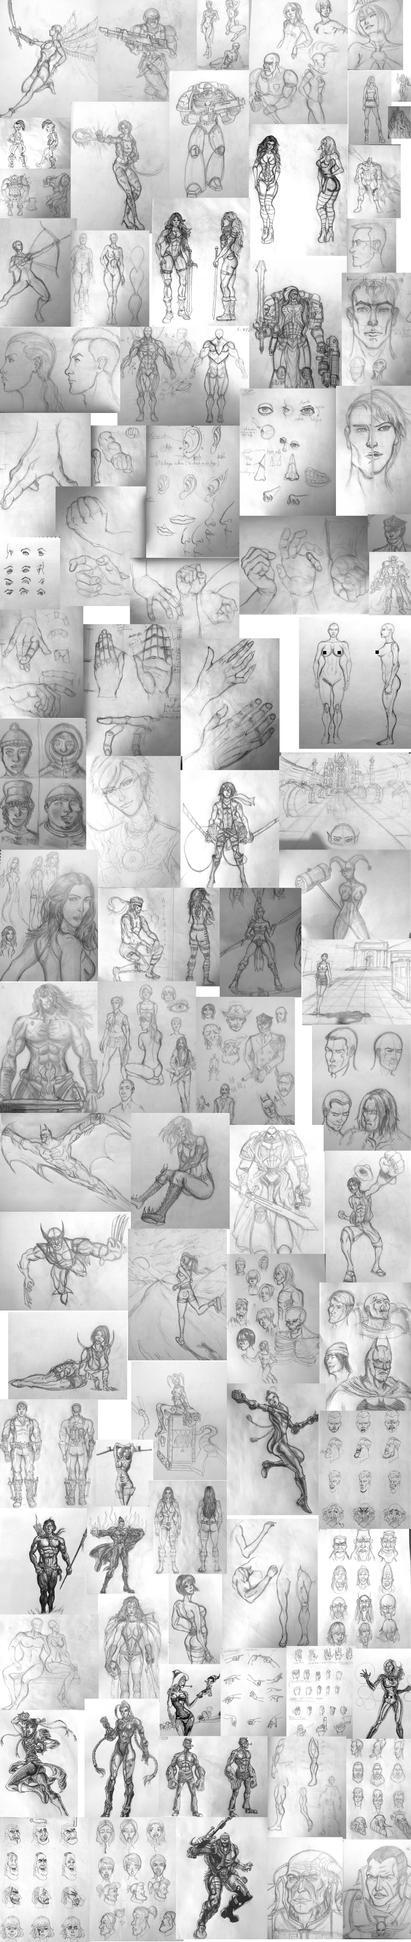 2014 Sketchdump pencils 2 by fmralchemist